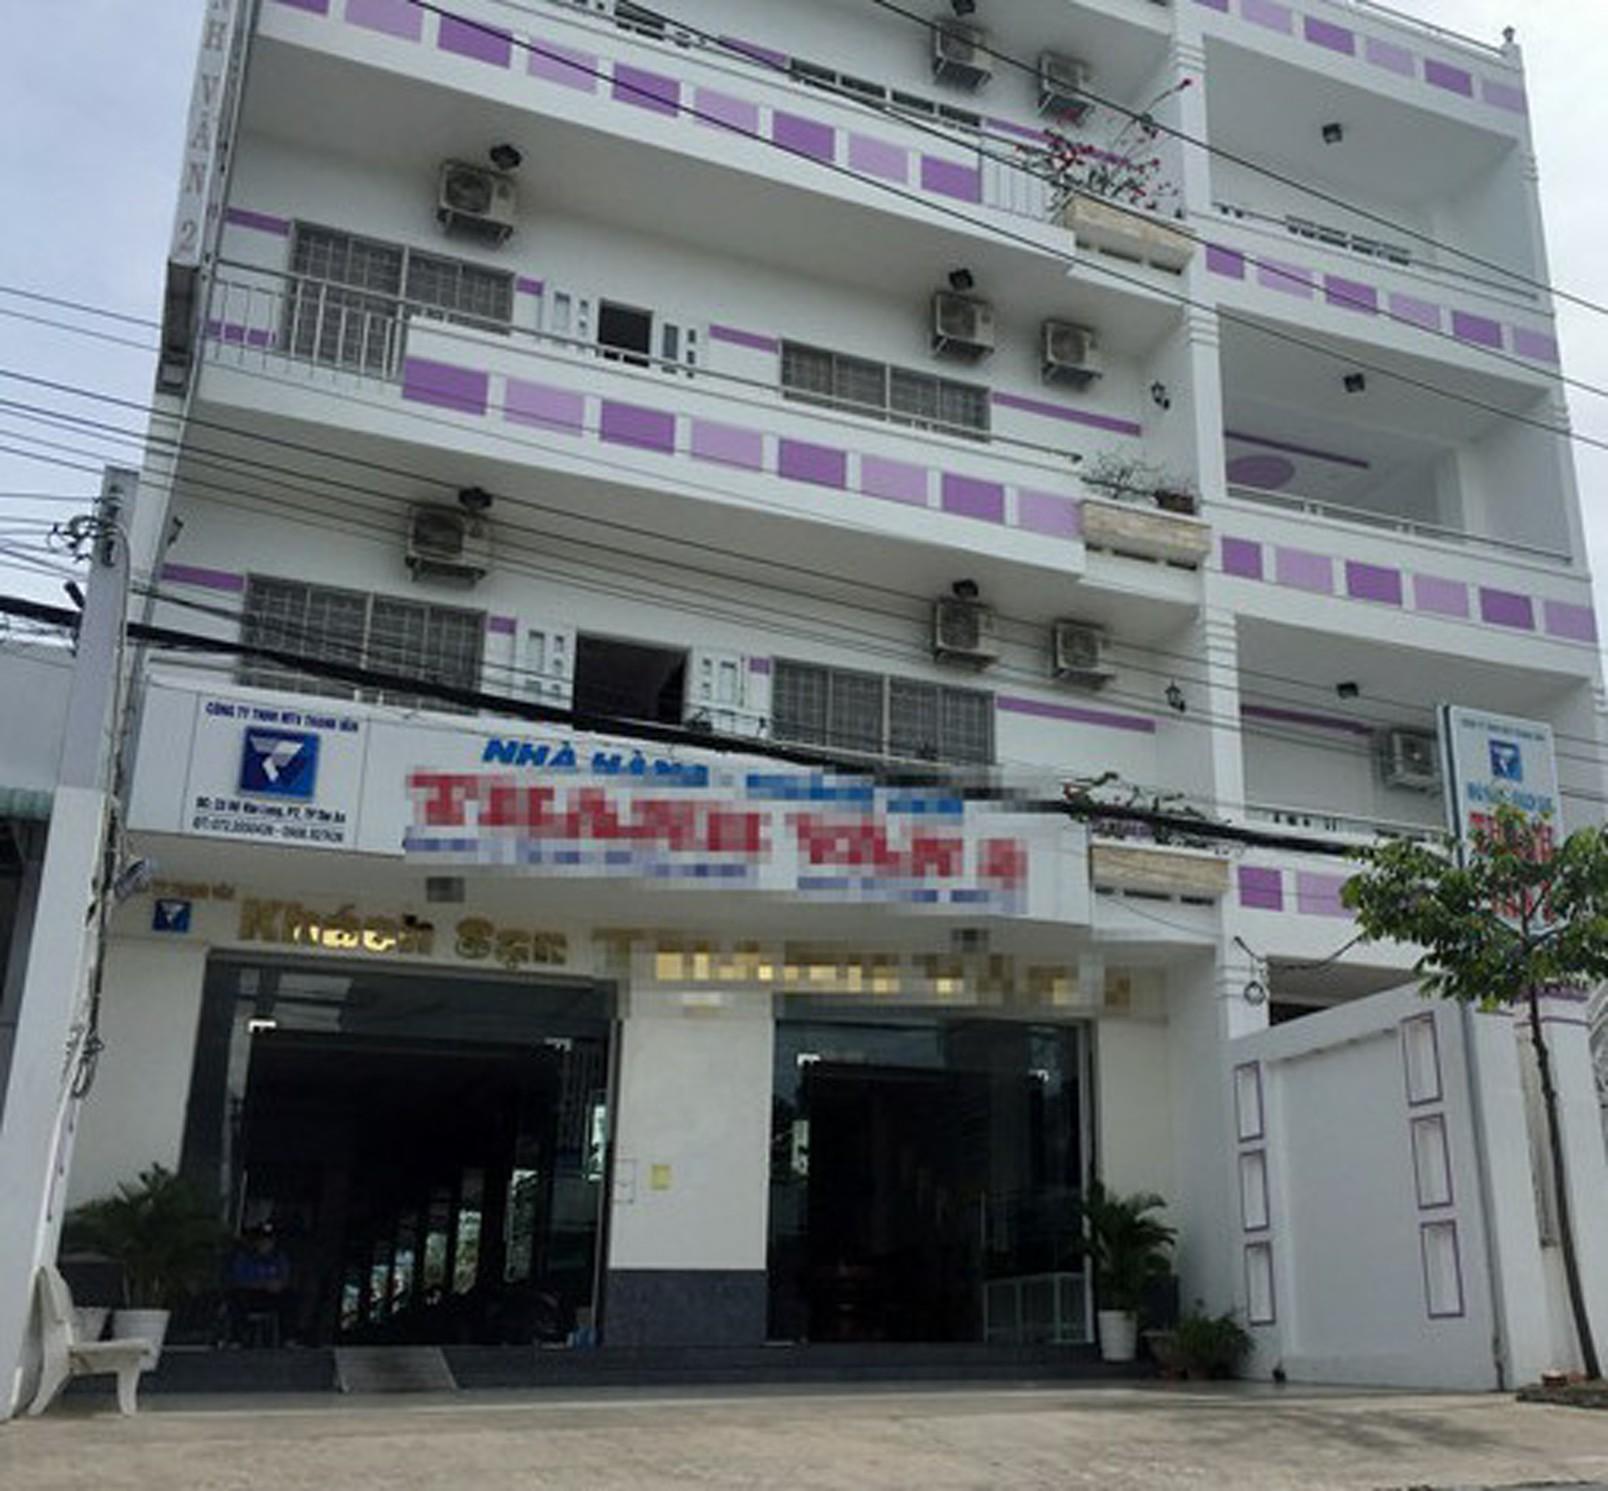 Tình tiết bất ngờ vụ Phó Cục trưởng bị mất trộm gần 400 triệu đồng ở khách sạn - Ảnh 1